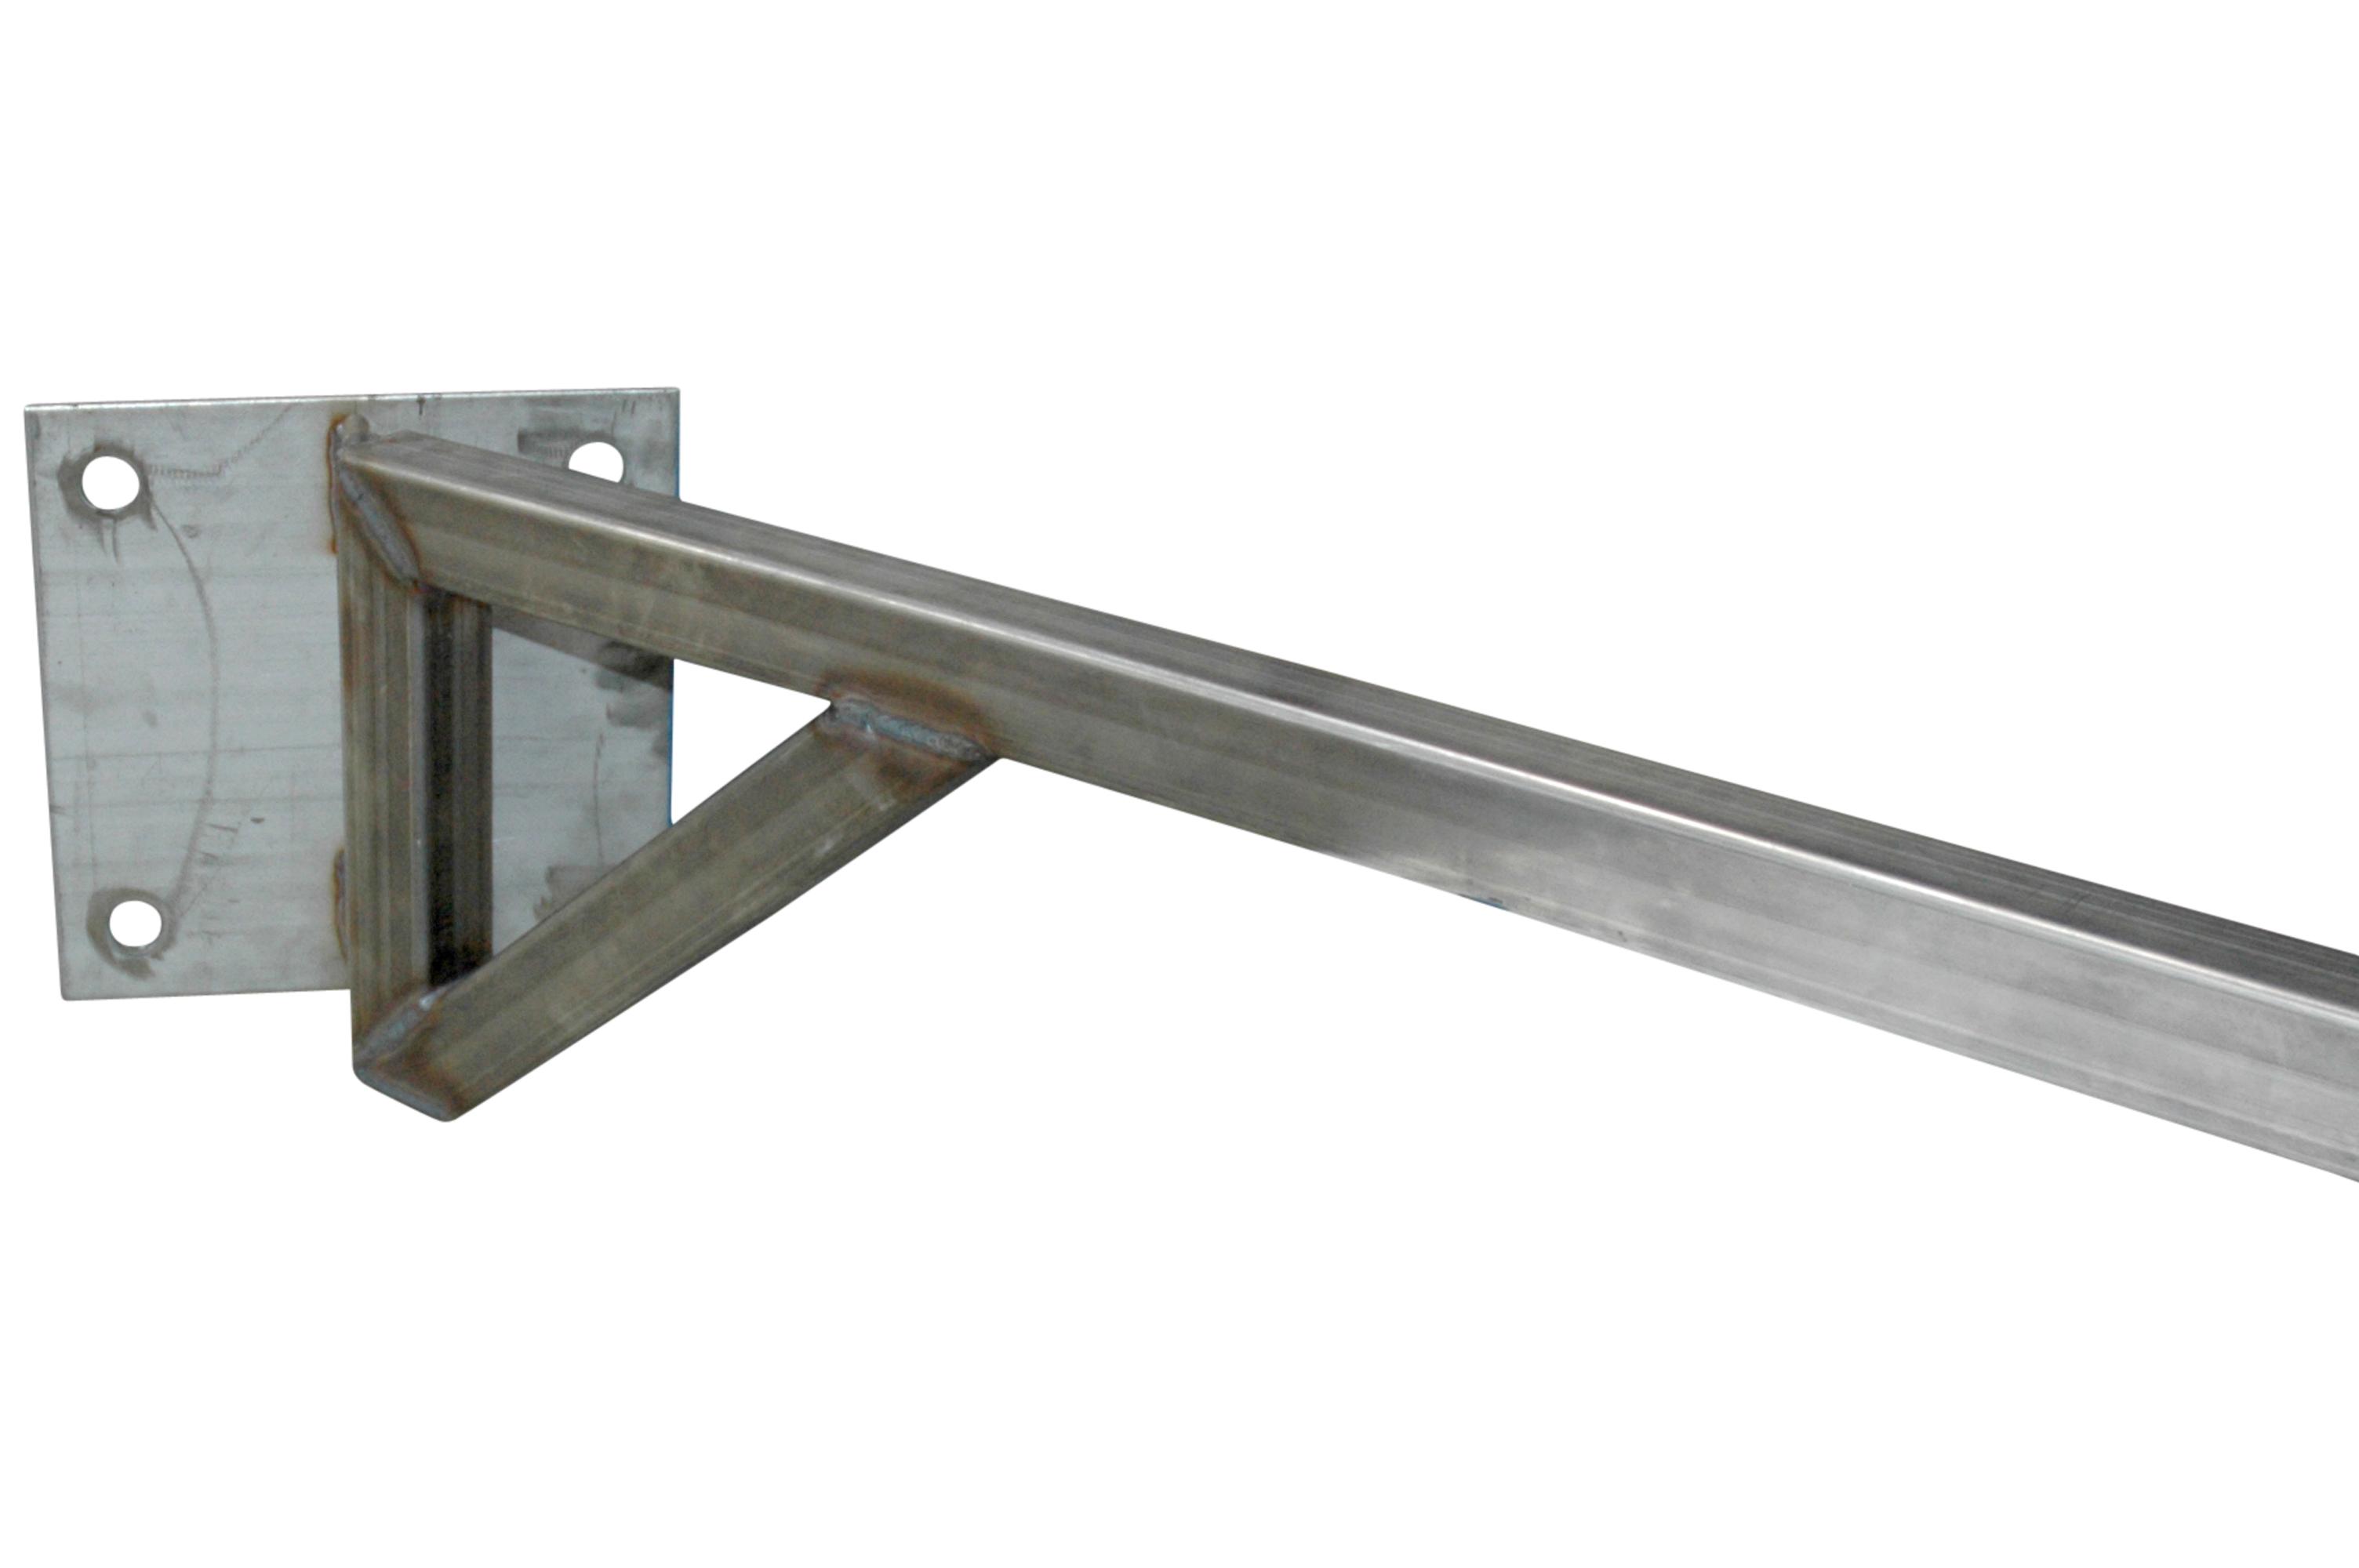 Swinging mounted metal arm